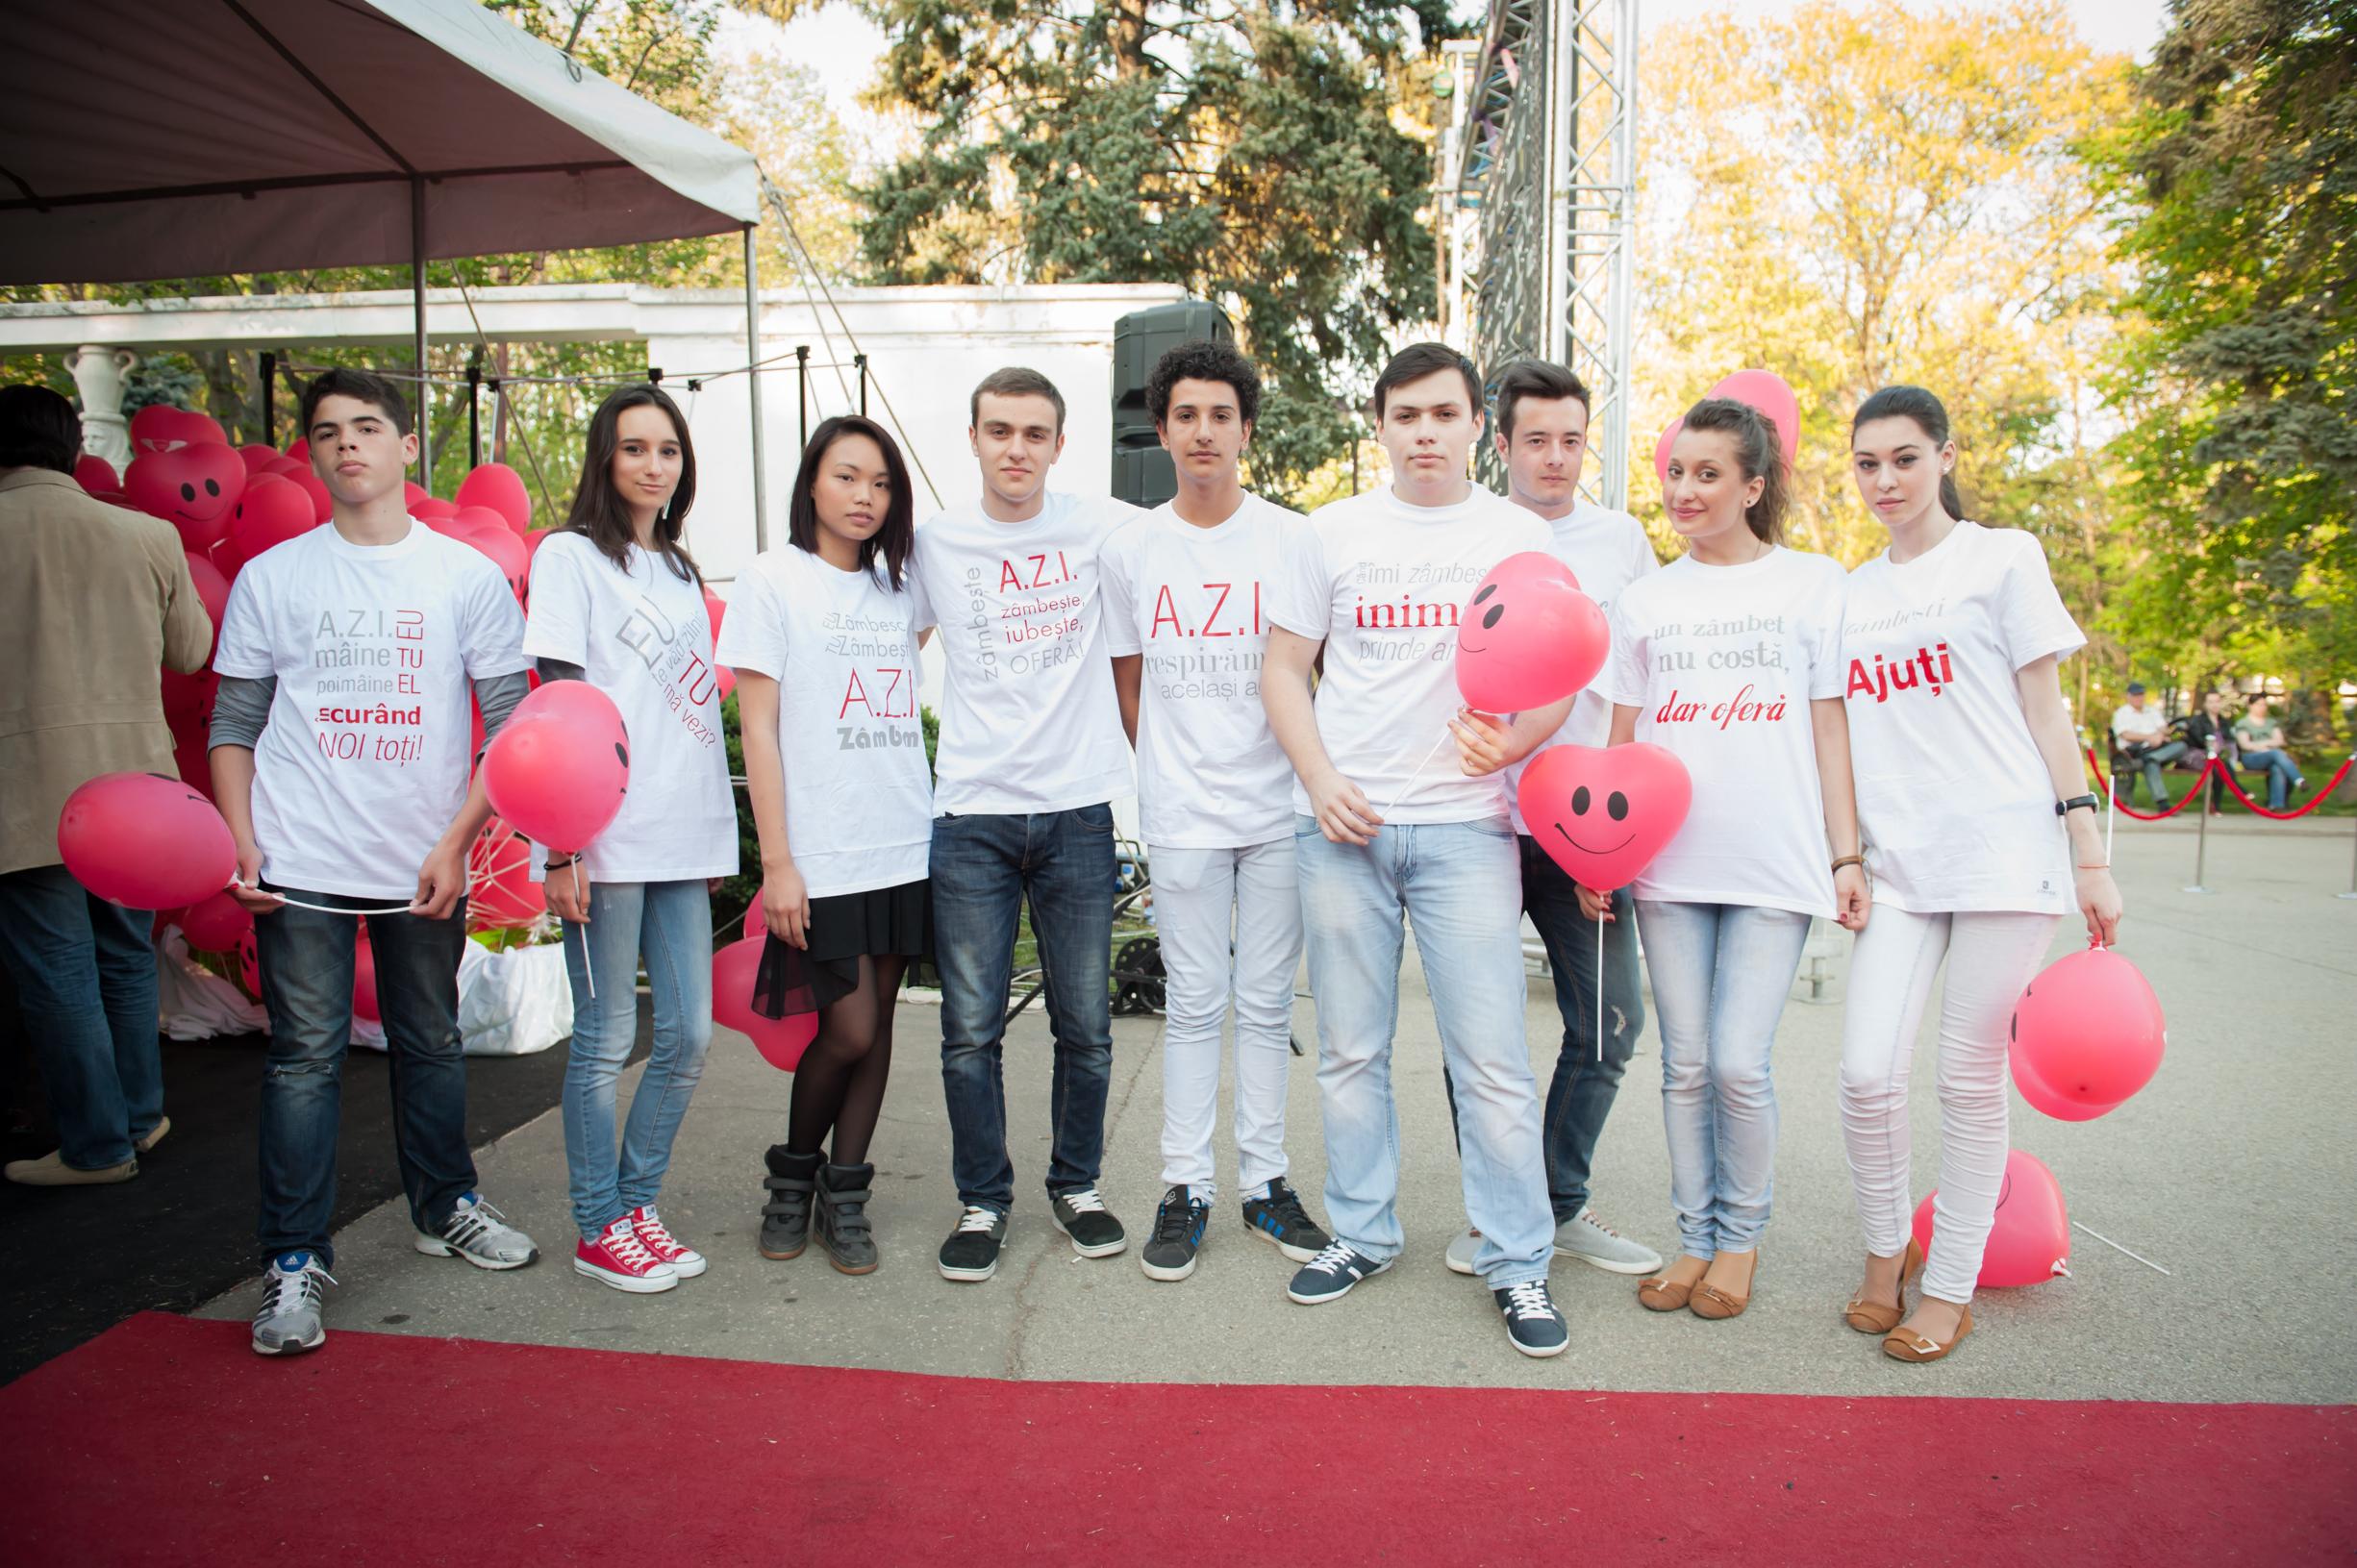 Voluntari A.Z.I.